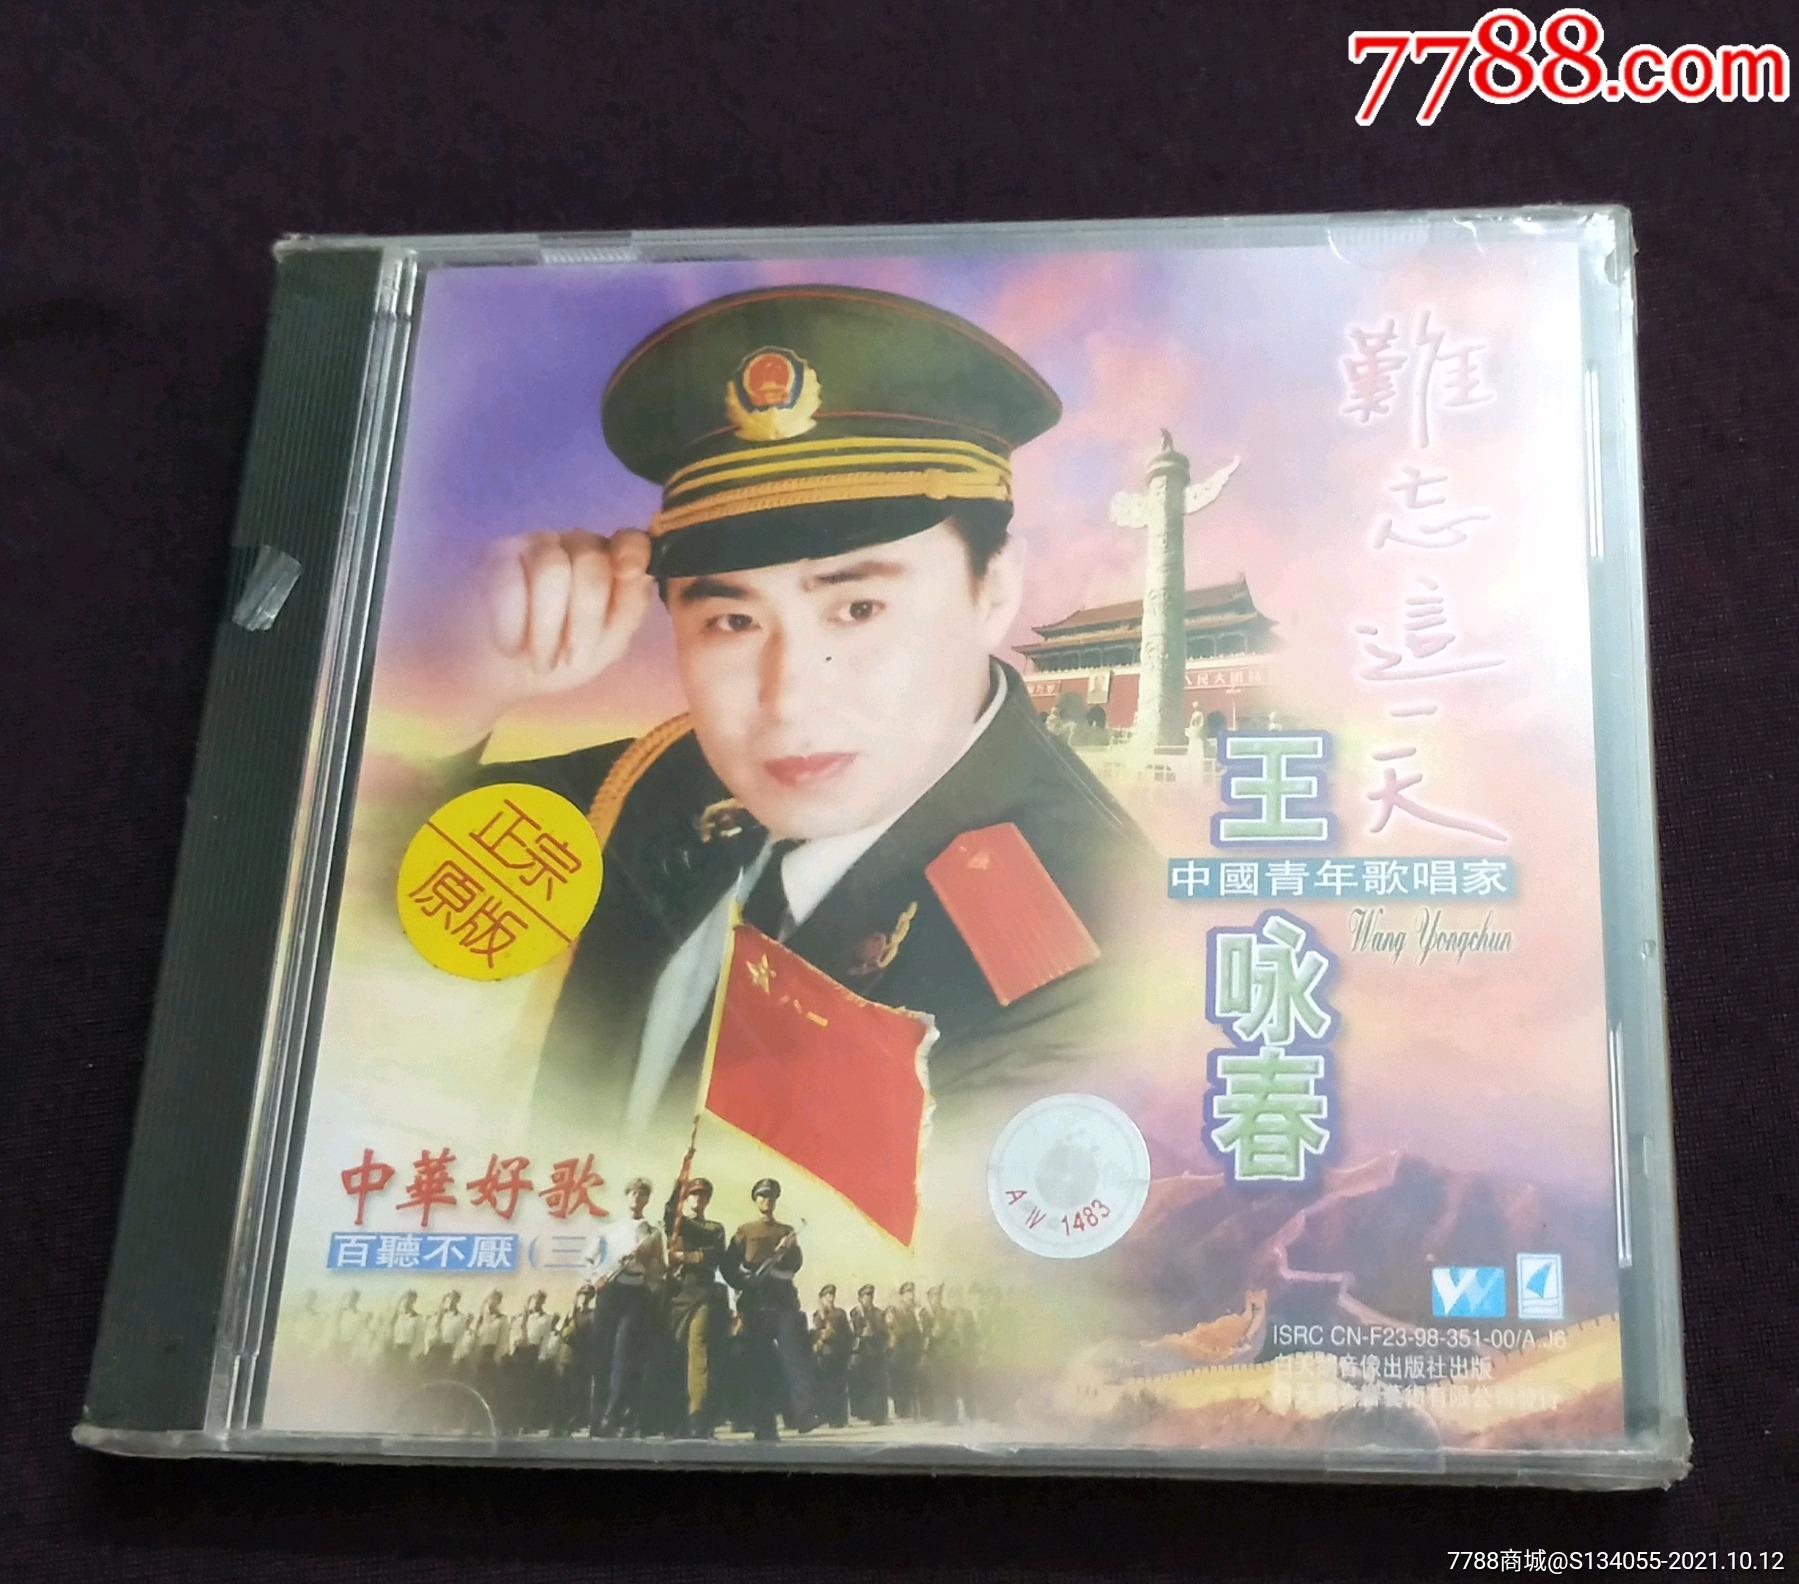 (全新未拆封)王咏春《难忘这一天》白天鹅音像CD_价格70元_第1张_